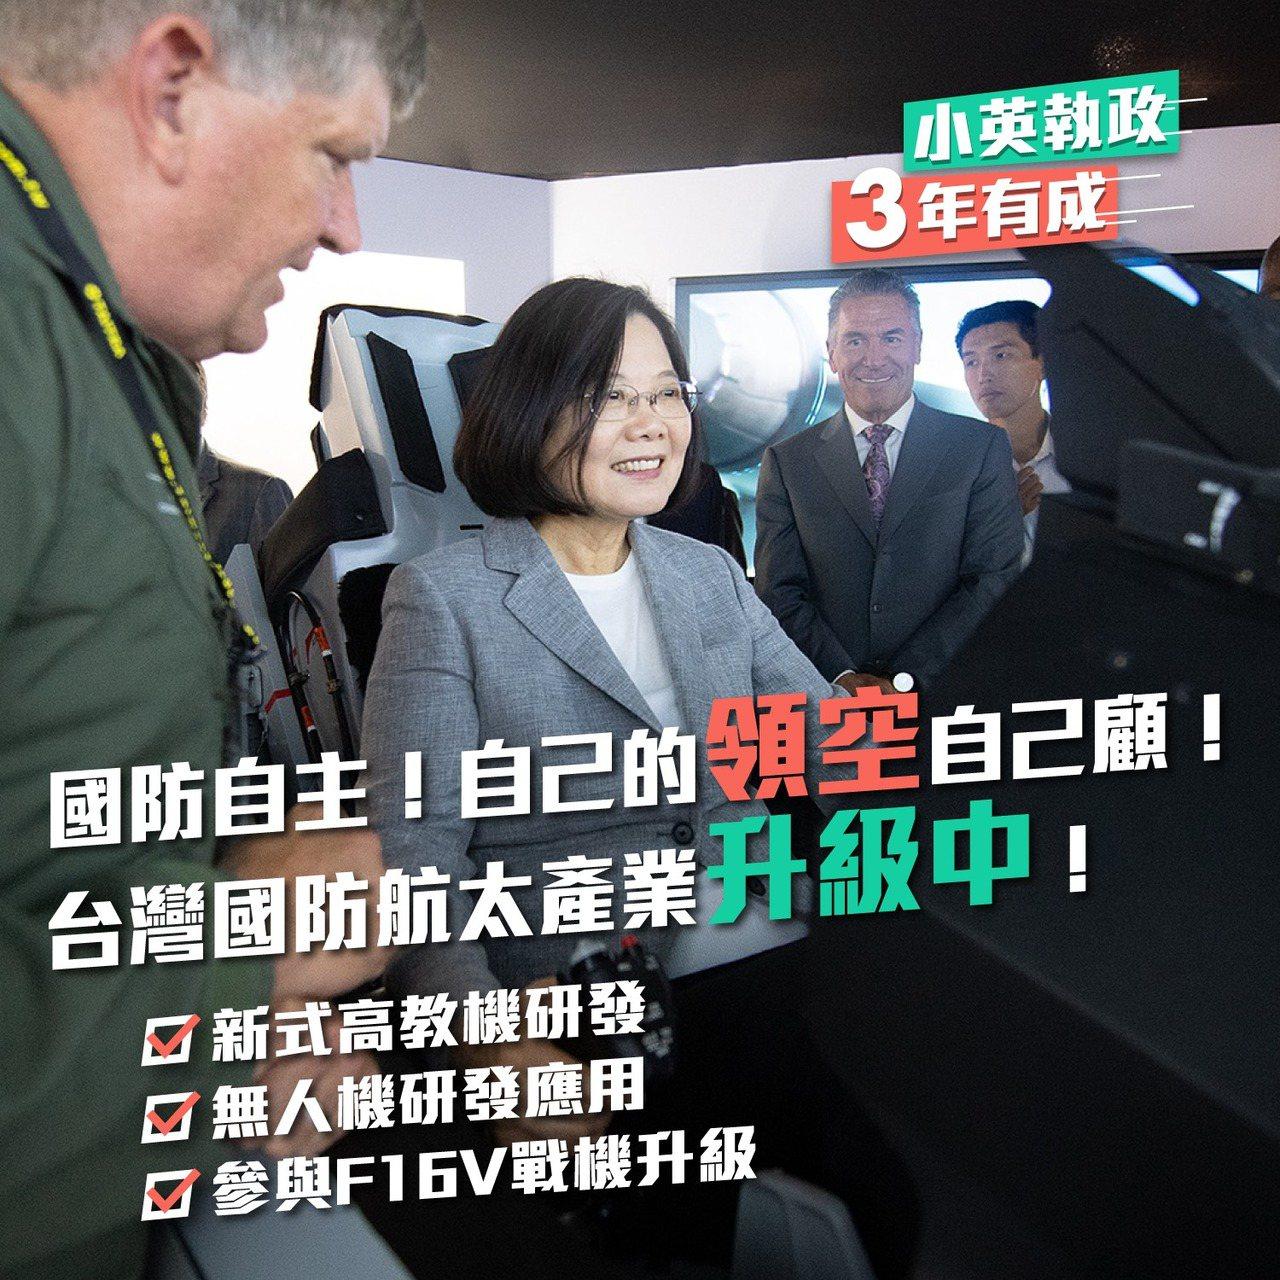 蔡英文總統報告台灣航太產業好消息。圖/取自蔡英文臉書